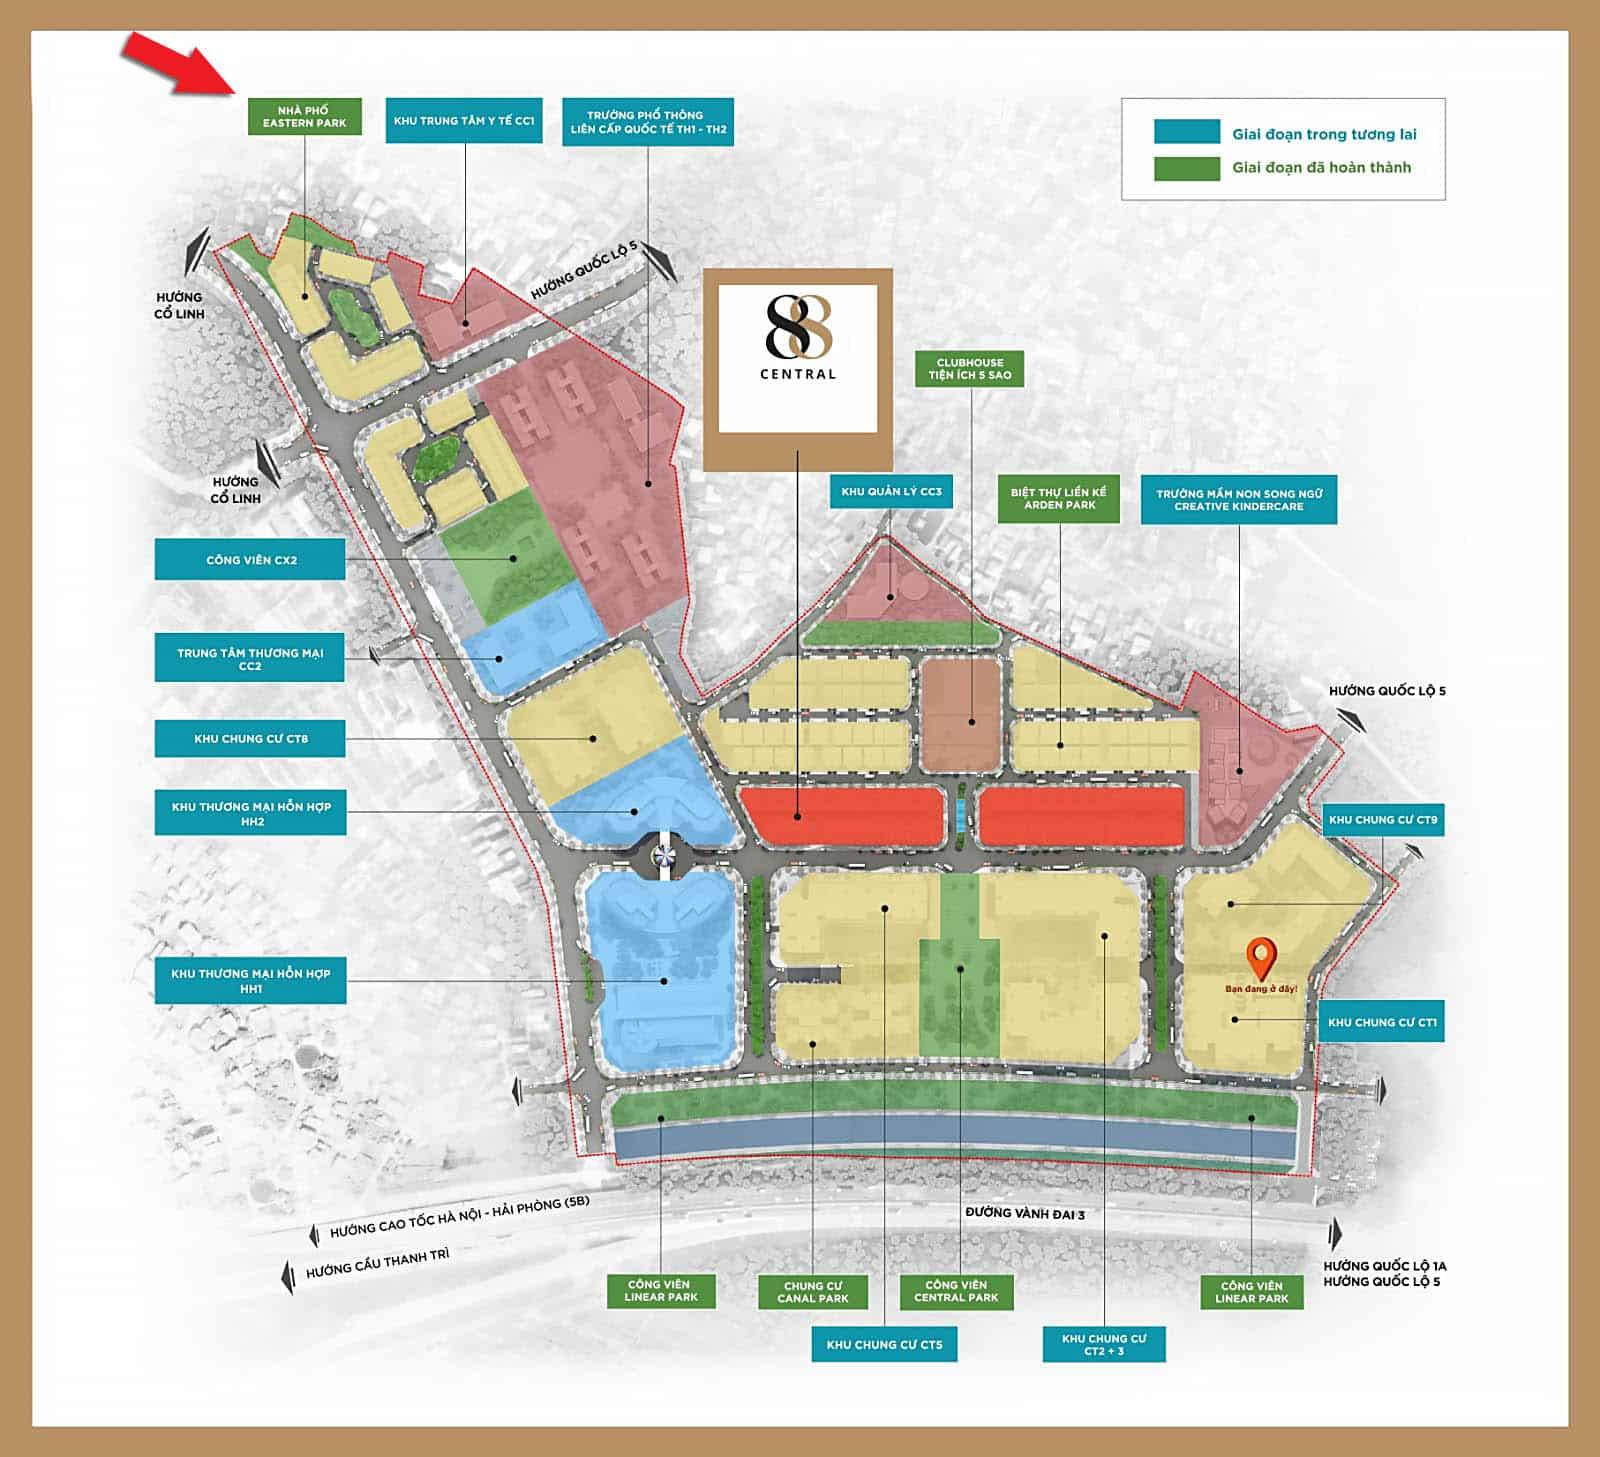 Vị trí của Eastern Park trong Ha Noi Garden City